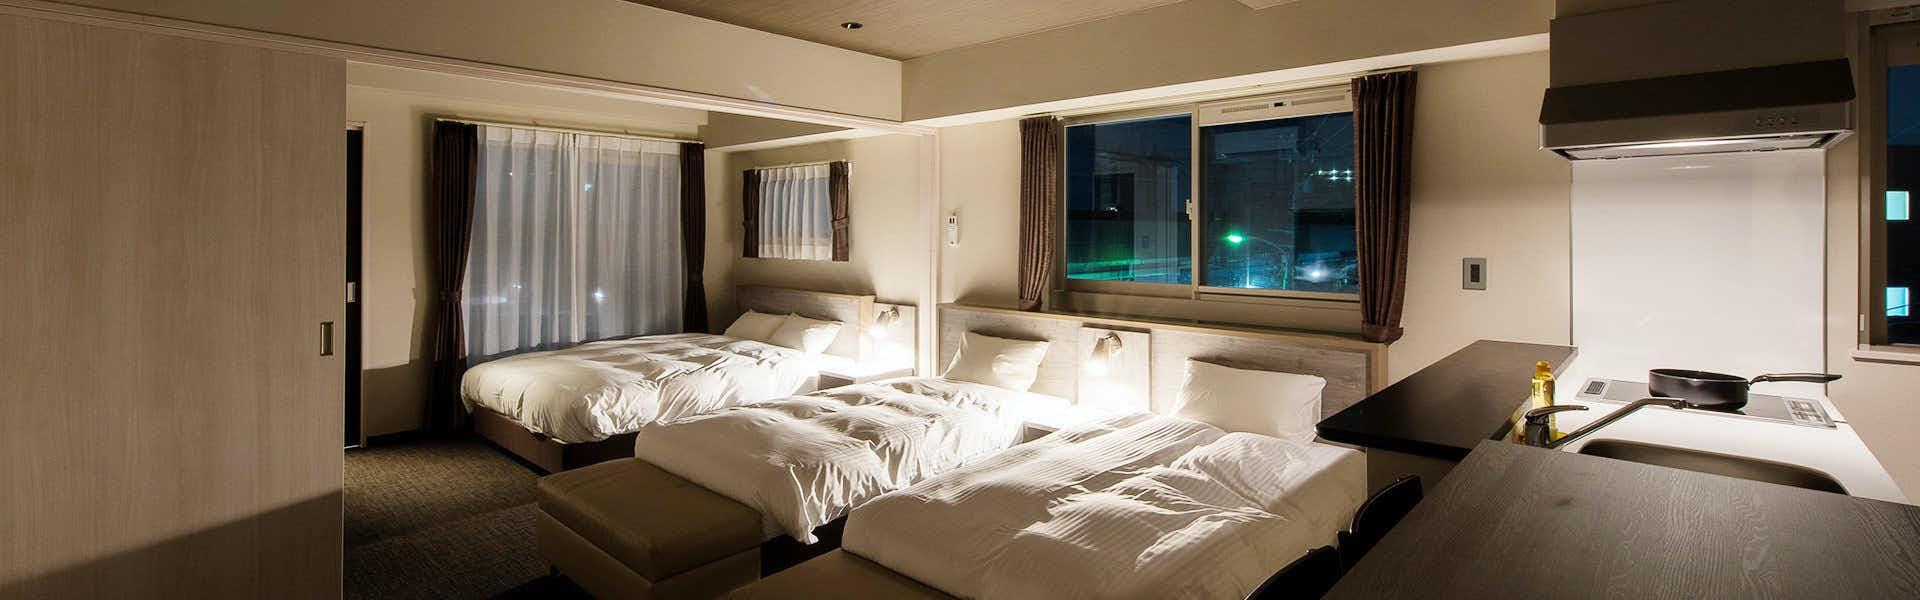 寝室一例1